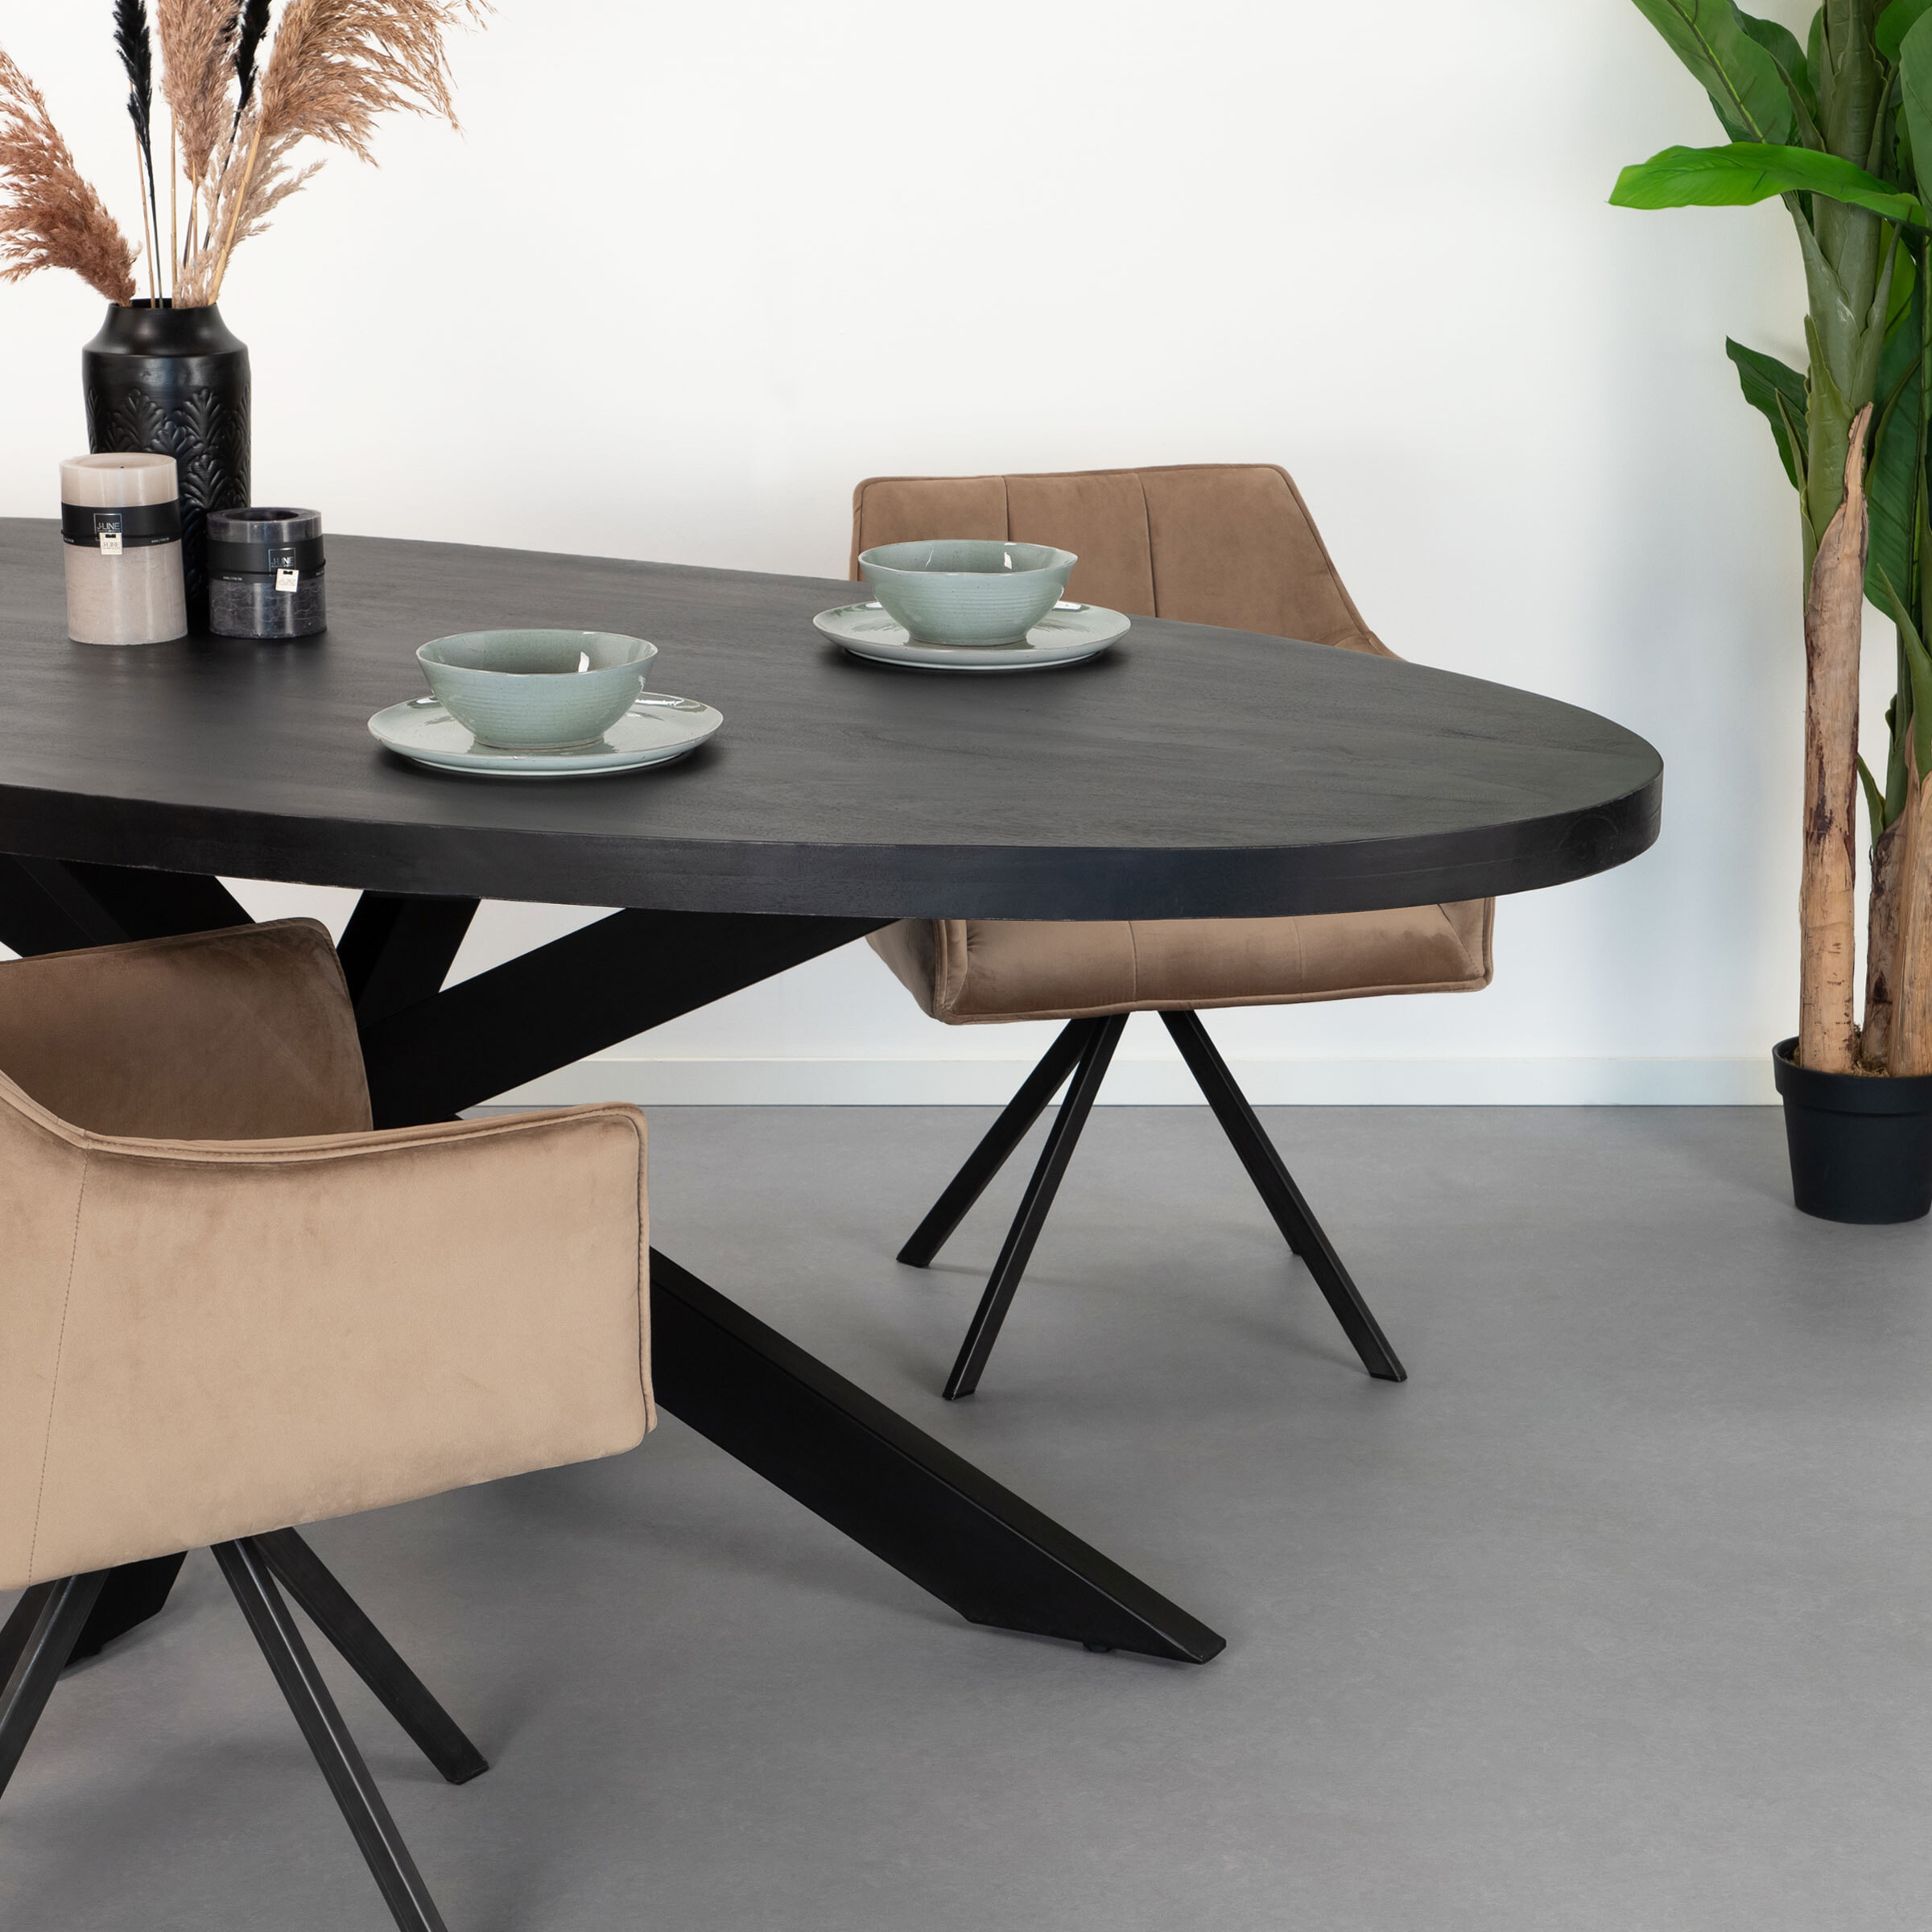 LivingFurn Ovale Eettafel 'Kala Spider' Mangohout en staal, 210 x 100cm